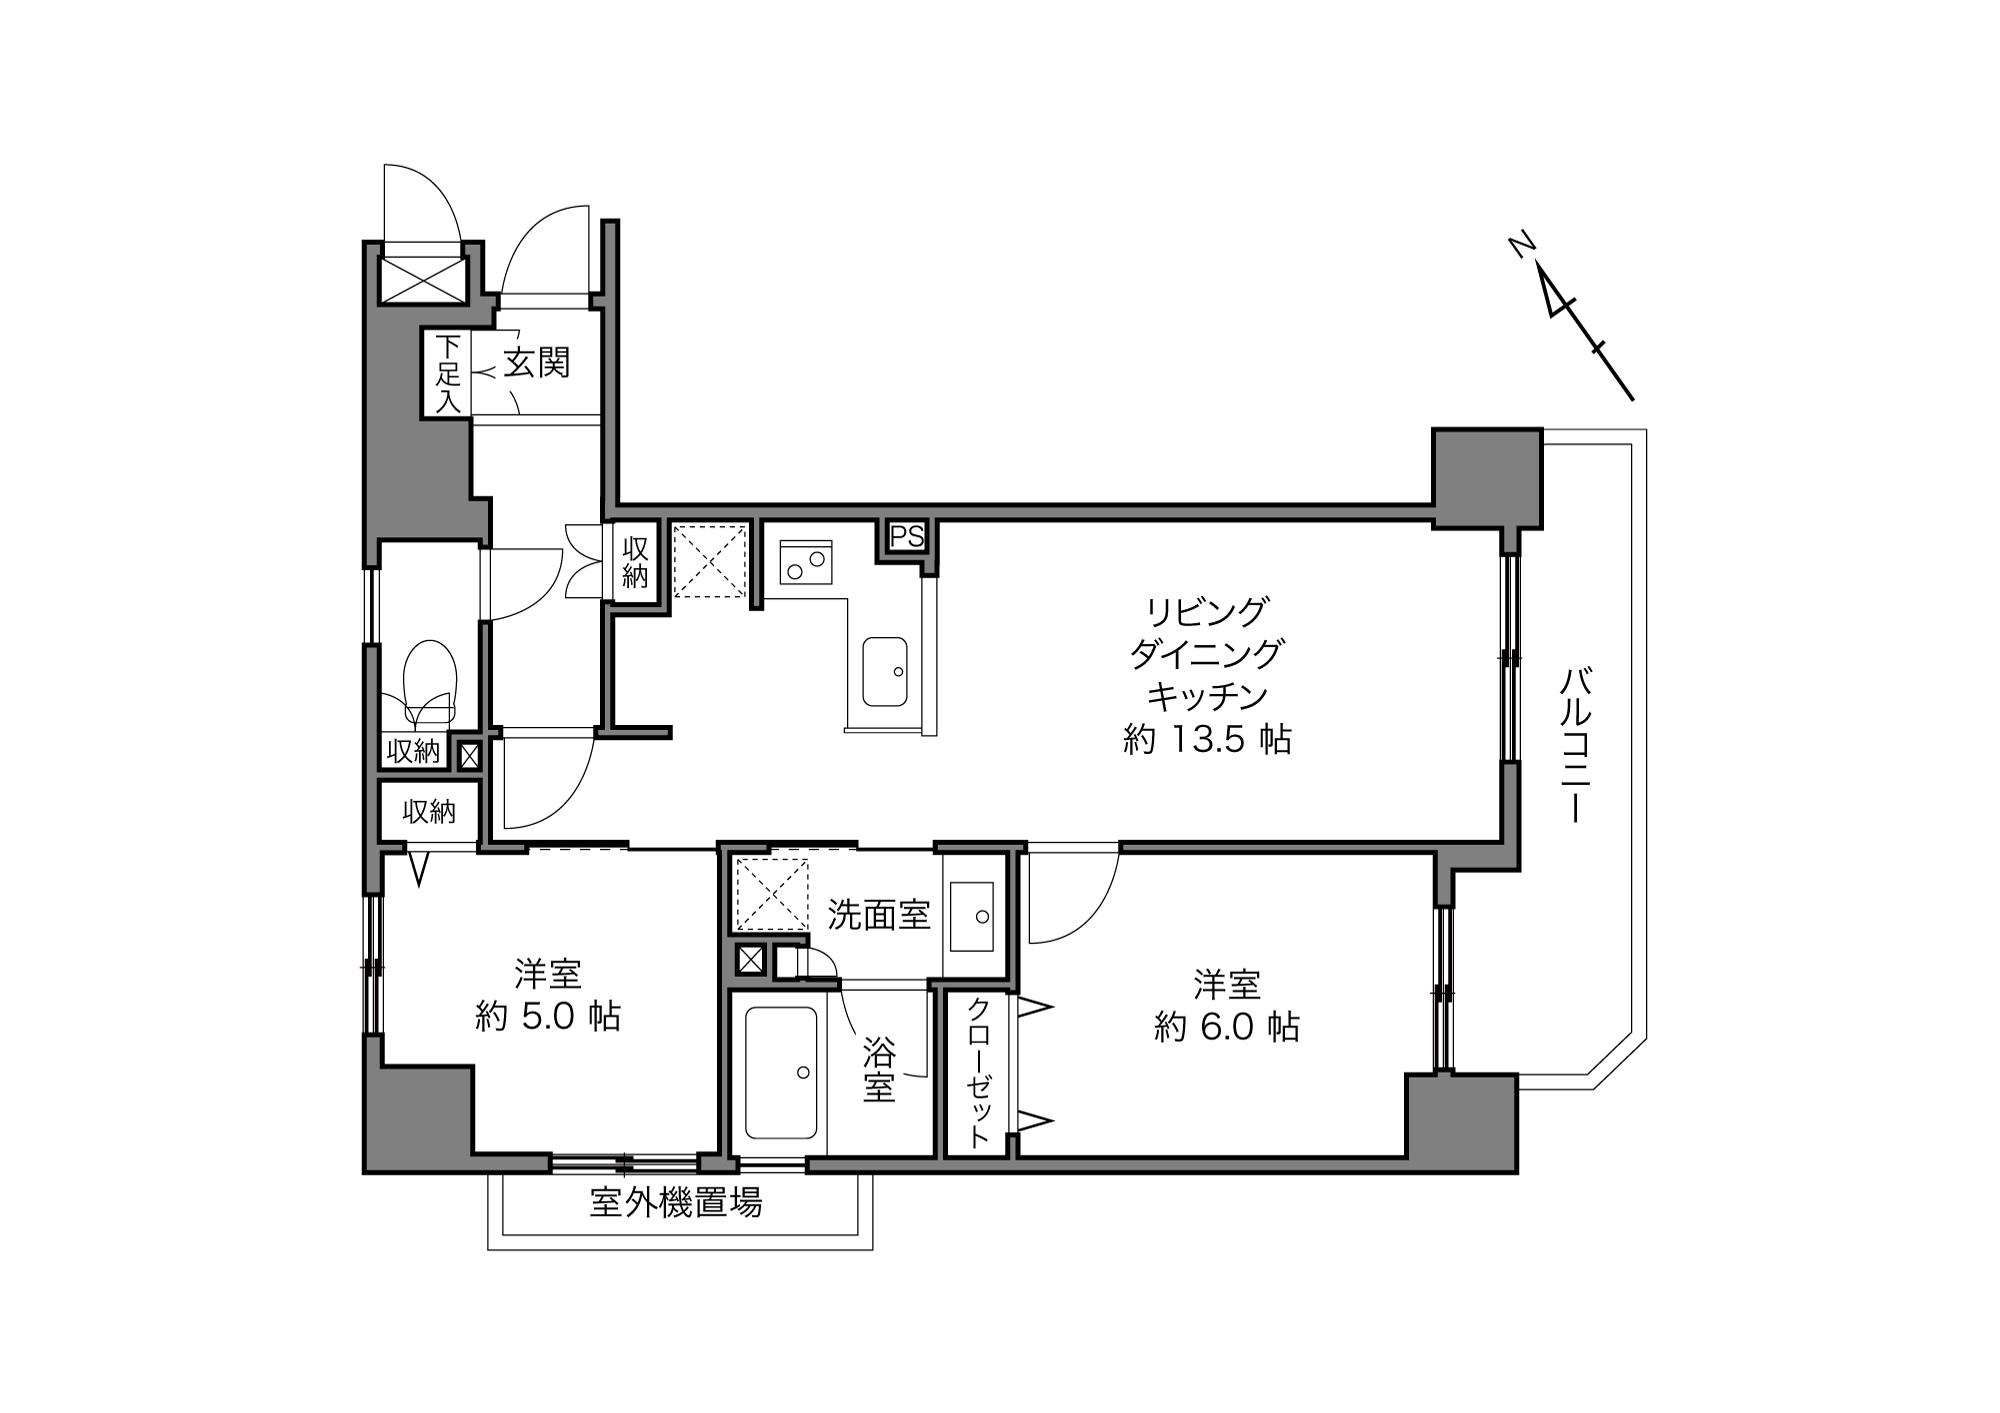 田端駅 / 2LDK+3Closet / 55.31㎡